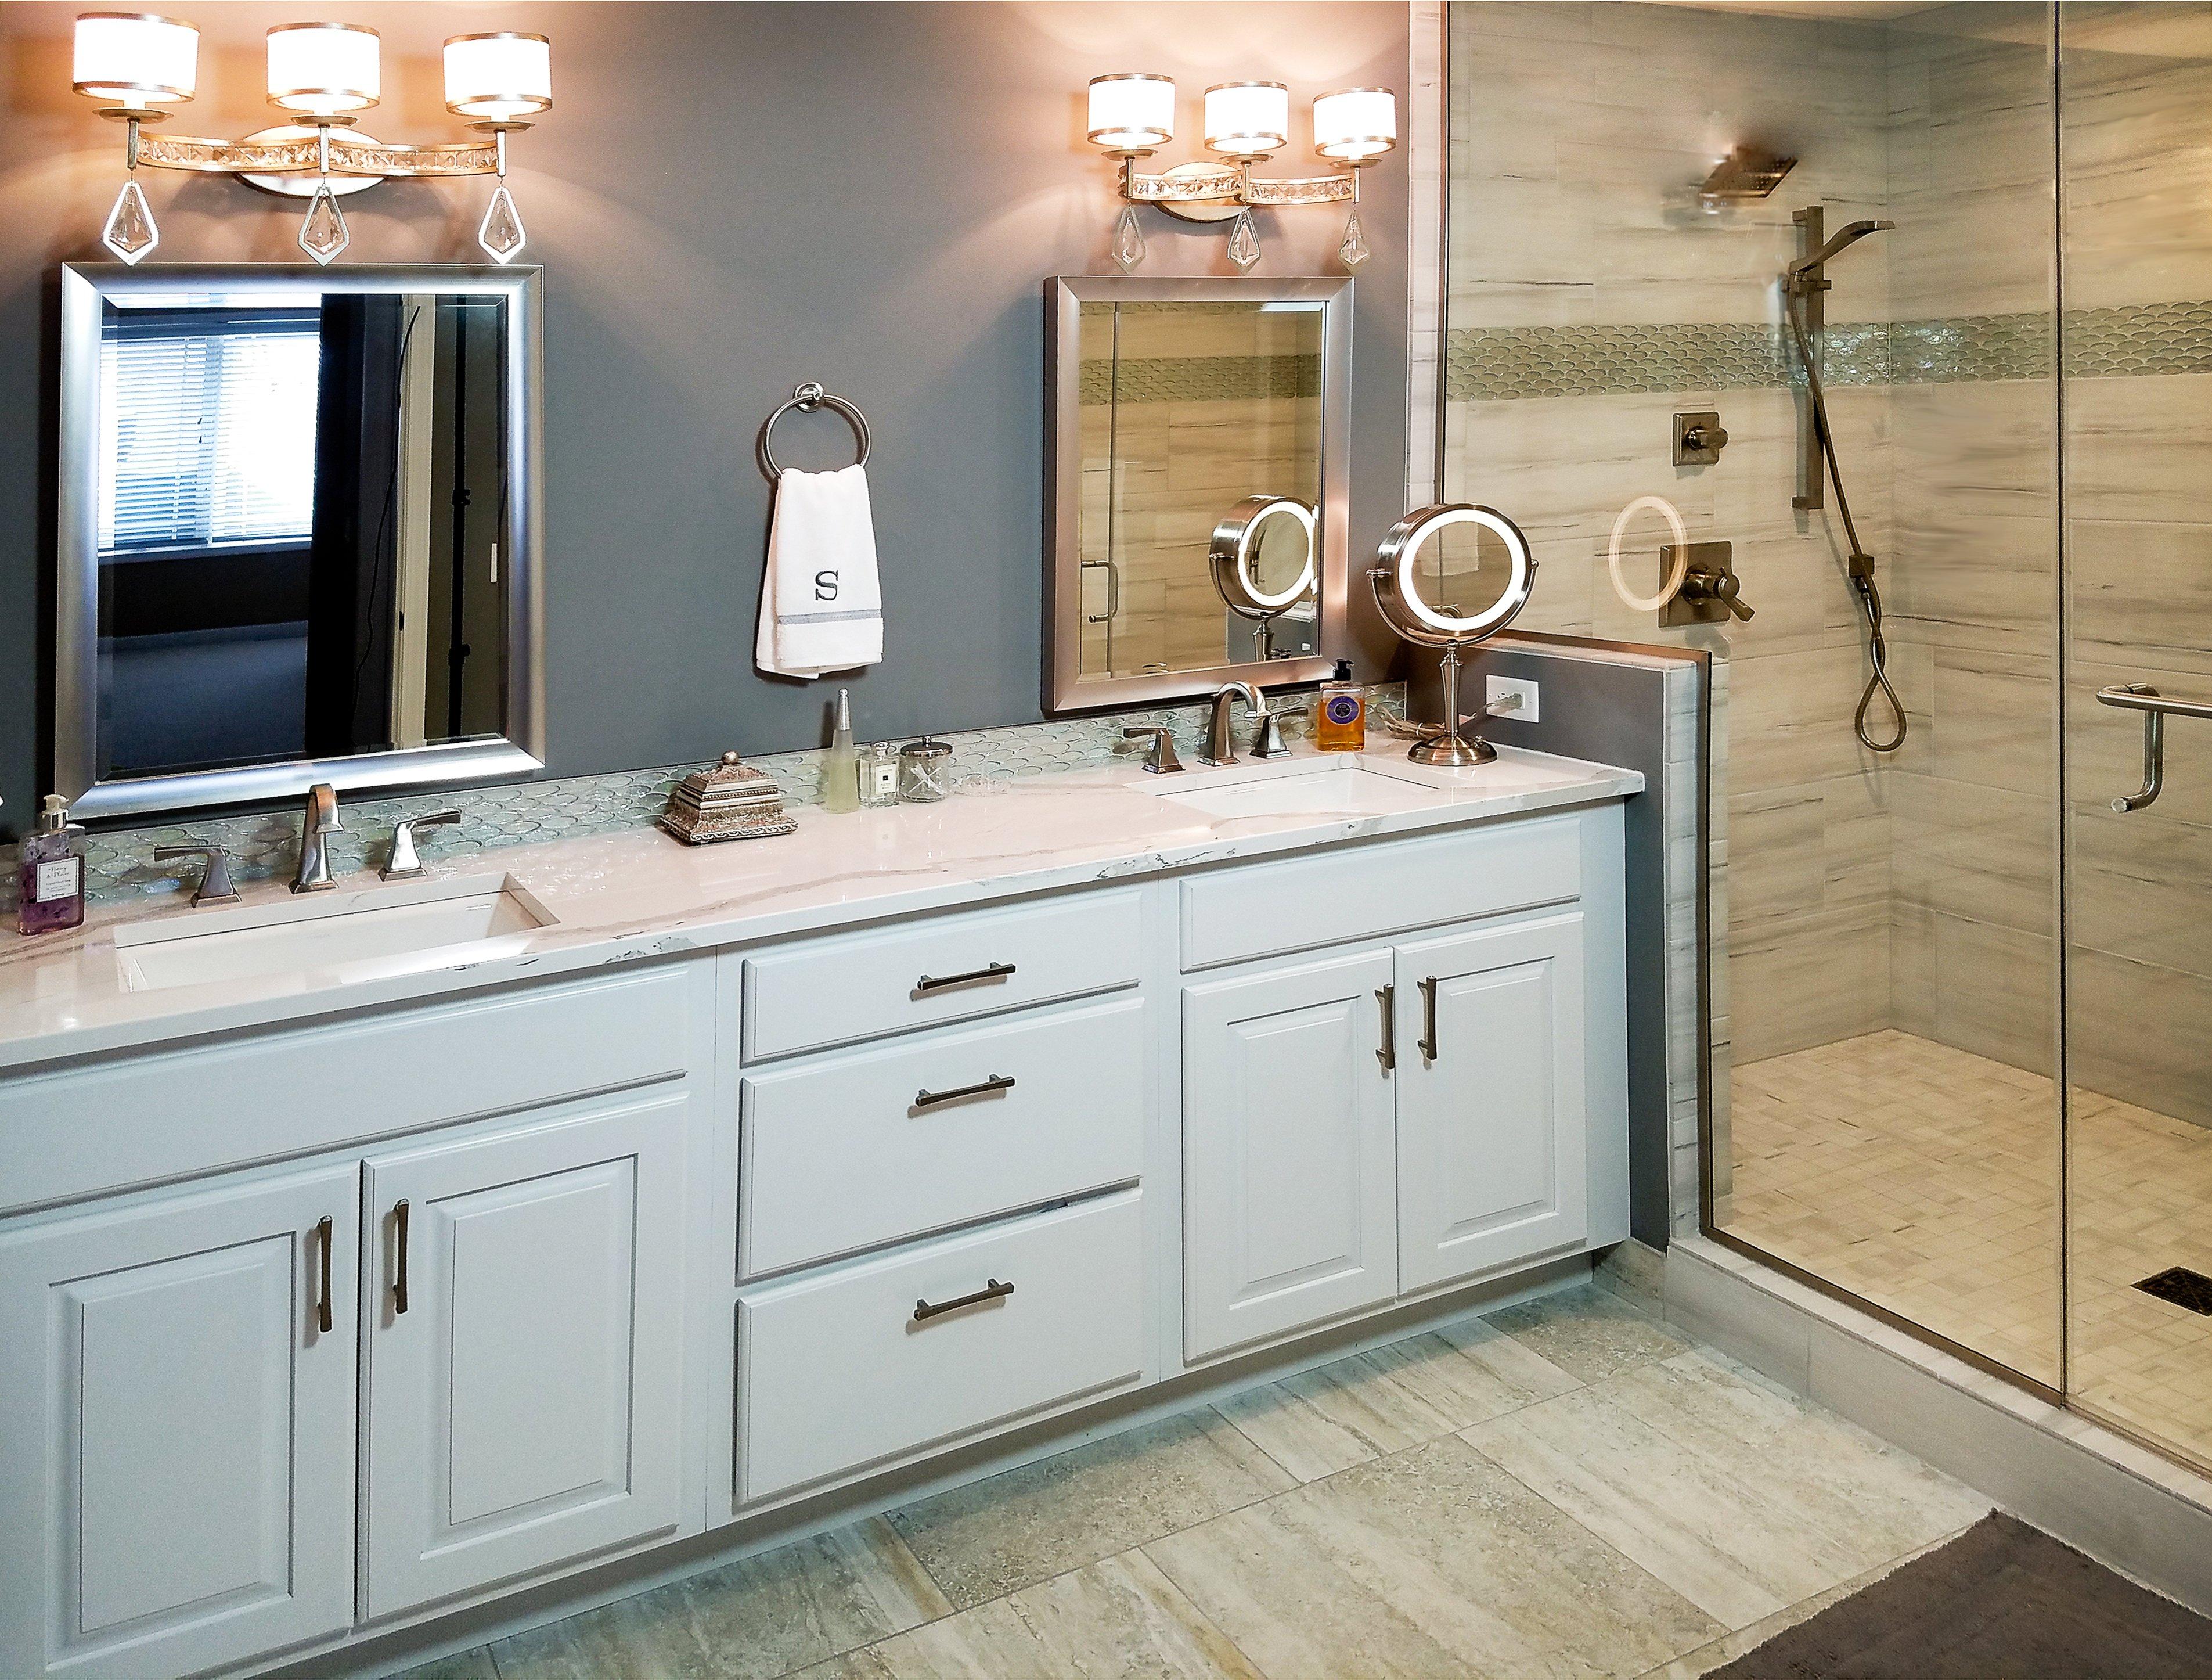 Bathroom Design, white vanity cabinet, raised panel vanity door, britannica cambria countertop, metal frame mirror,  Delta 3551LF-SS faucet